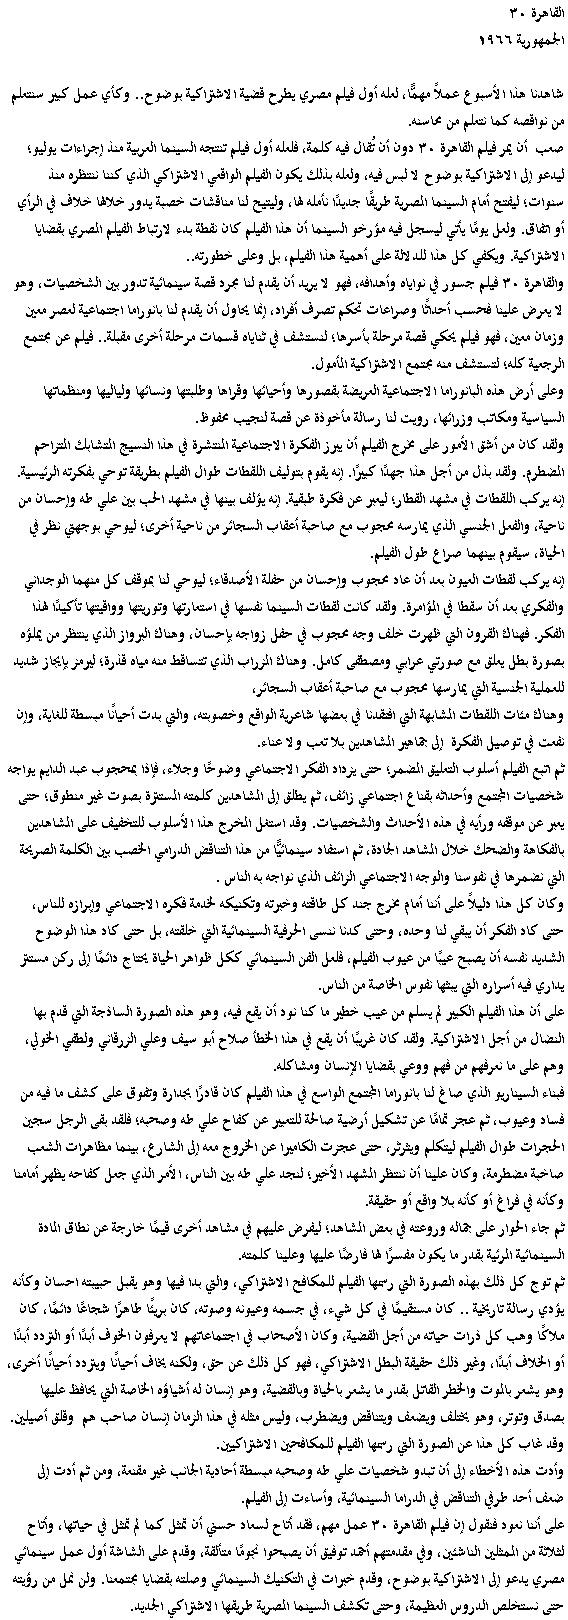 نقد صحفي : عن فيلم القاهرة 30 1966 م A_aoaa23